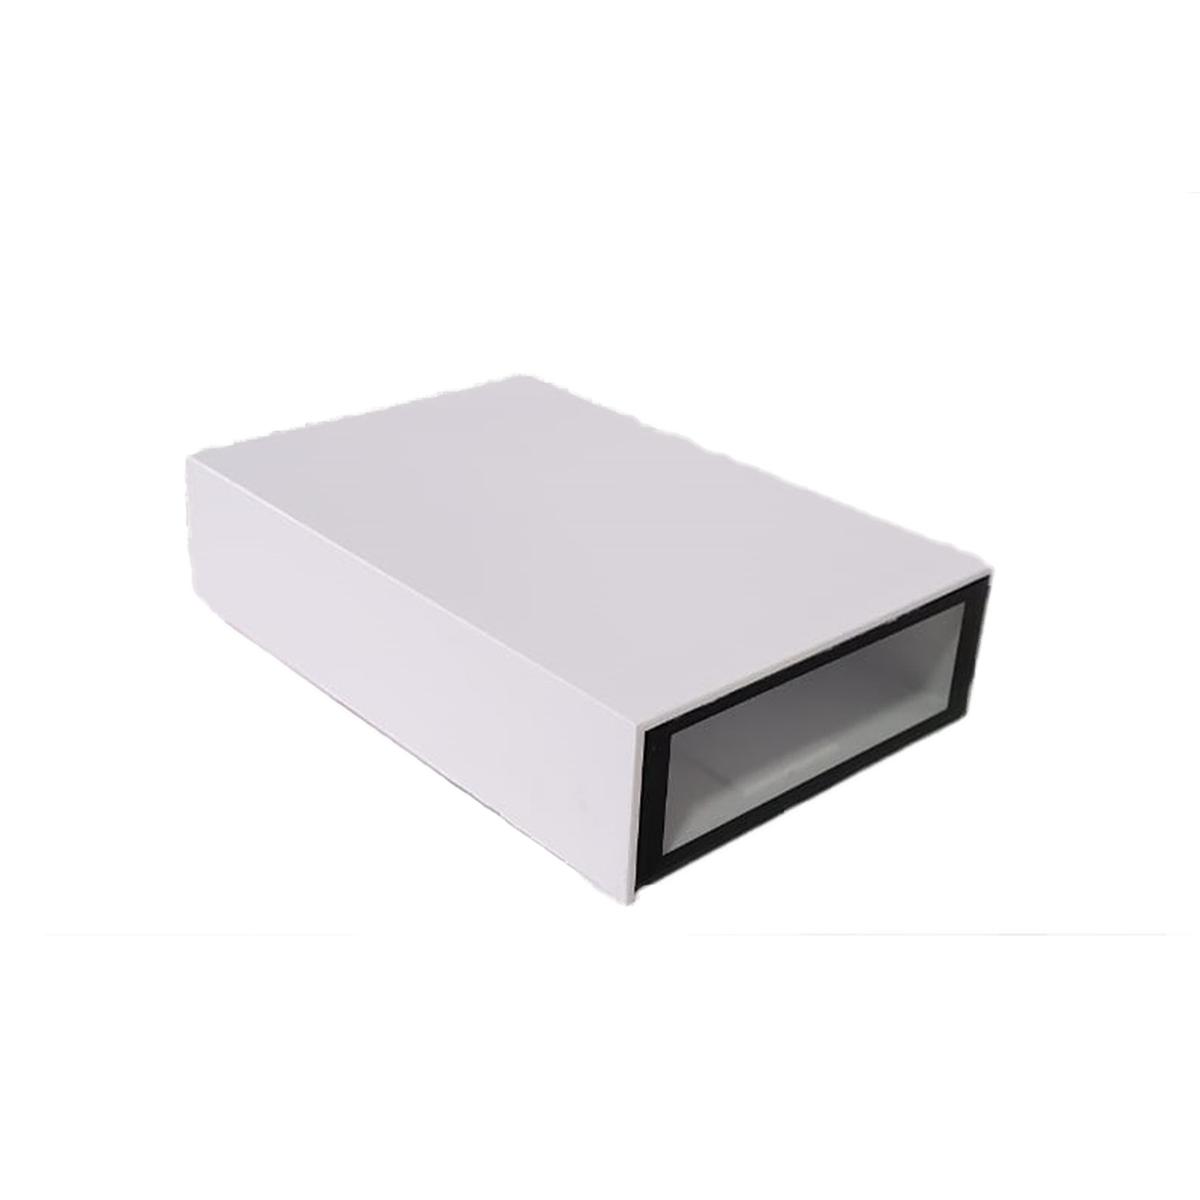 ARANDELA 4W 2 FACHOS 6500K (Branco Frio)